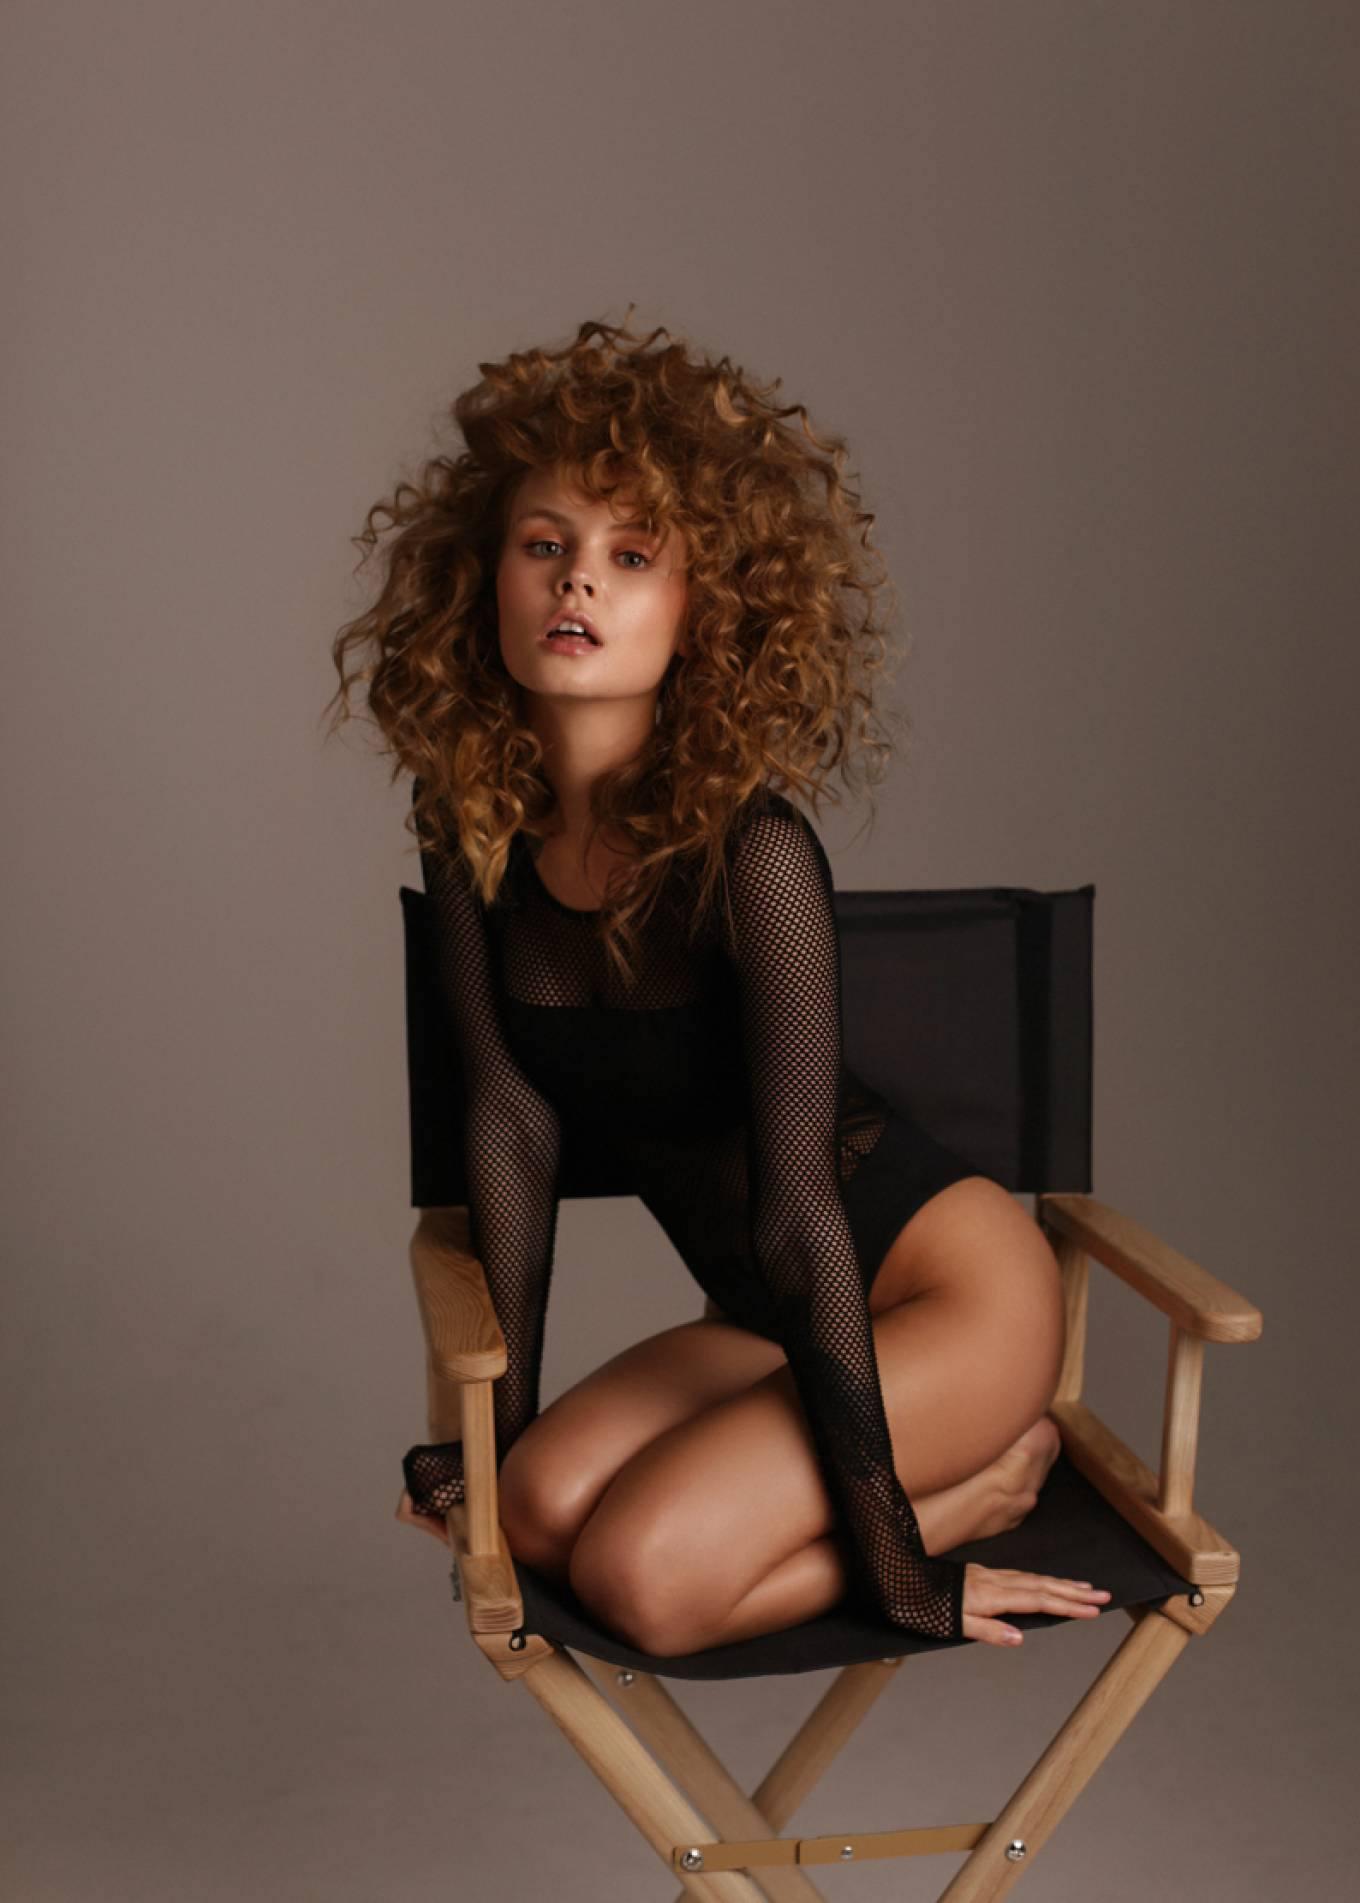 Anastasiya Scheglova – Sexy Body In Beautiful Photoshoot By Tonya Kochneva 0019